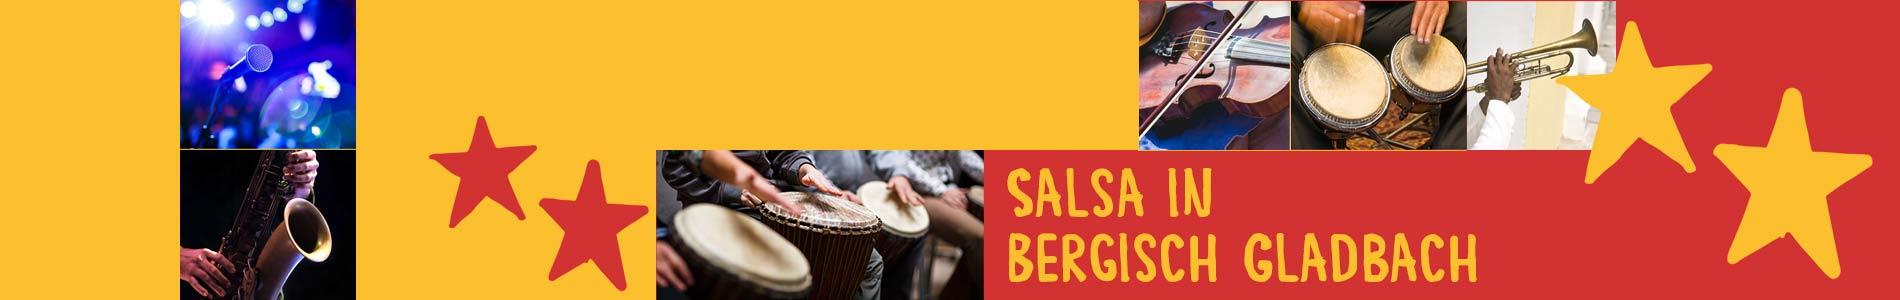 Salsa in Bergisch Gladbach – Salsa lernen und tanzen, Tanzkurse, Partys, Veranstaltungen